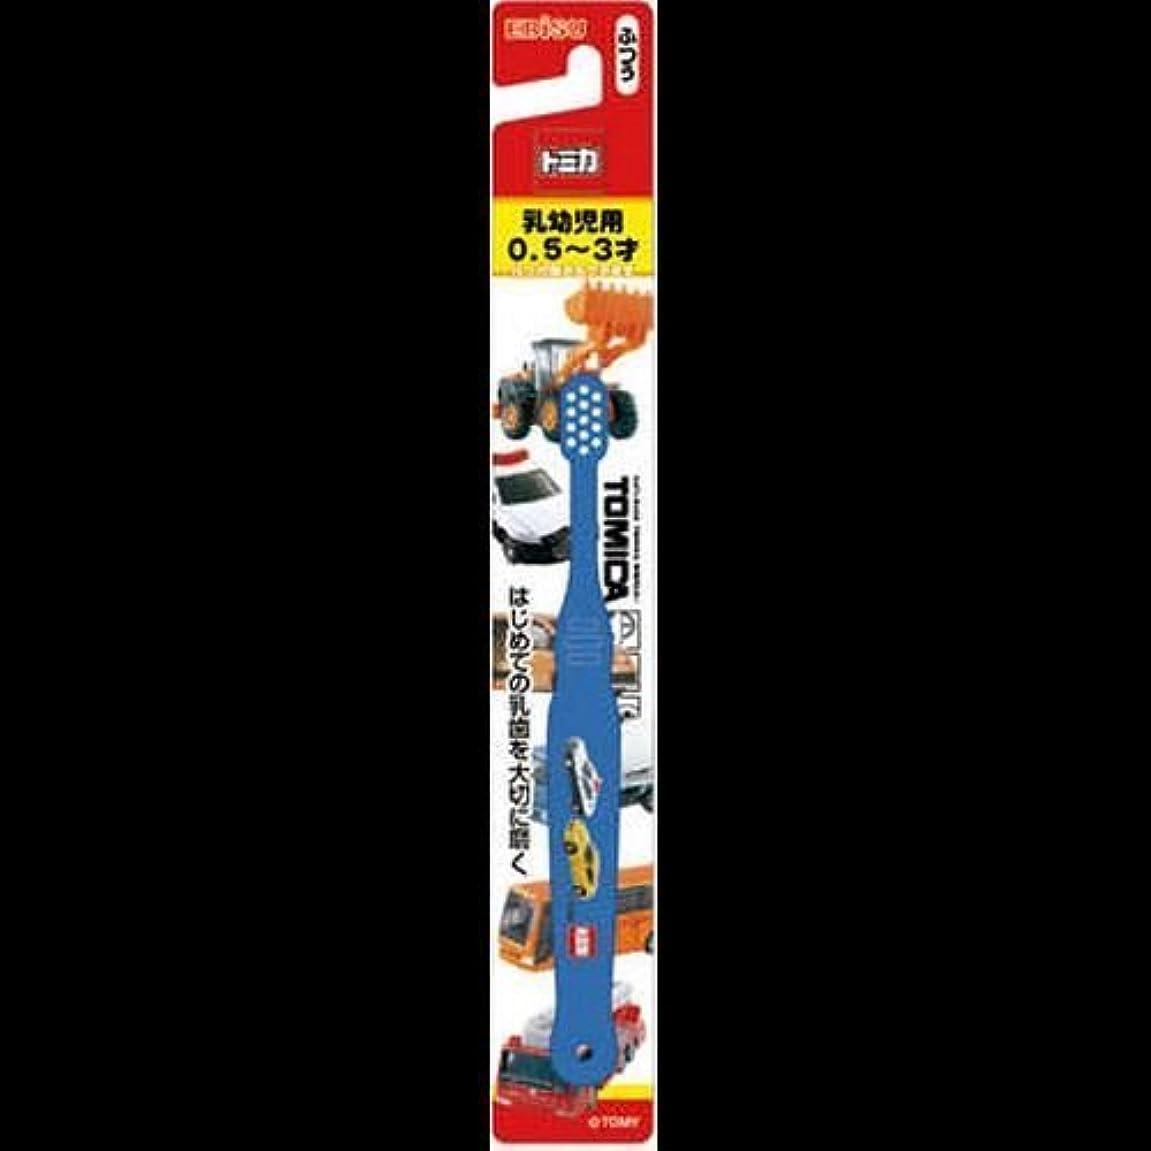 【まとめ買い】トミカ ハブラシ 0.5ー3才 ×2セット